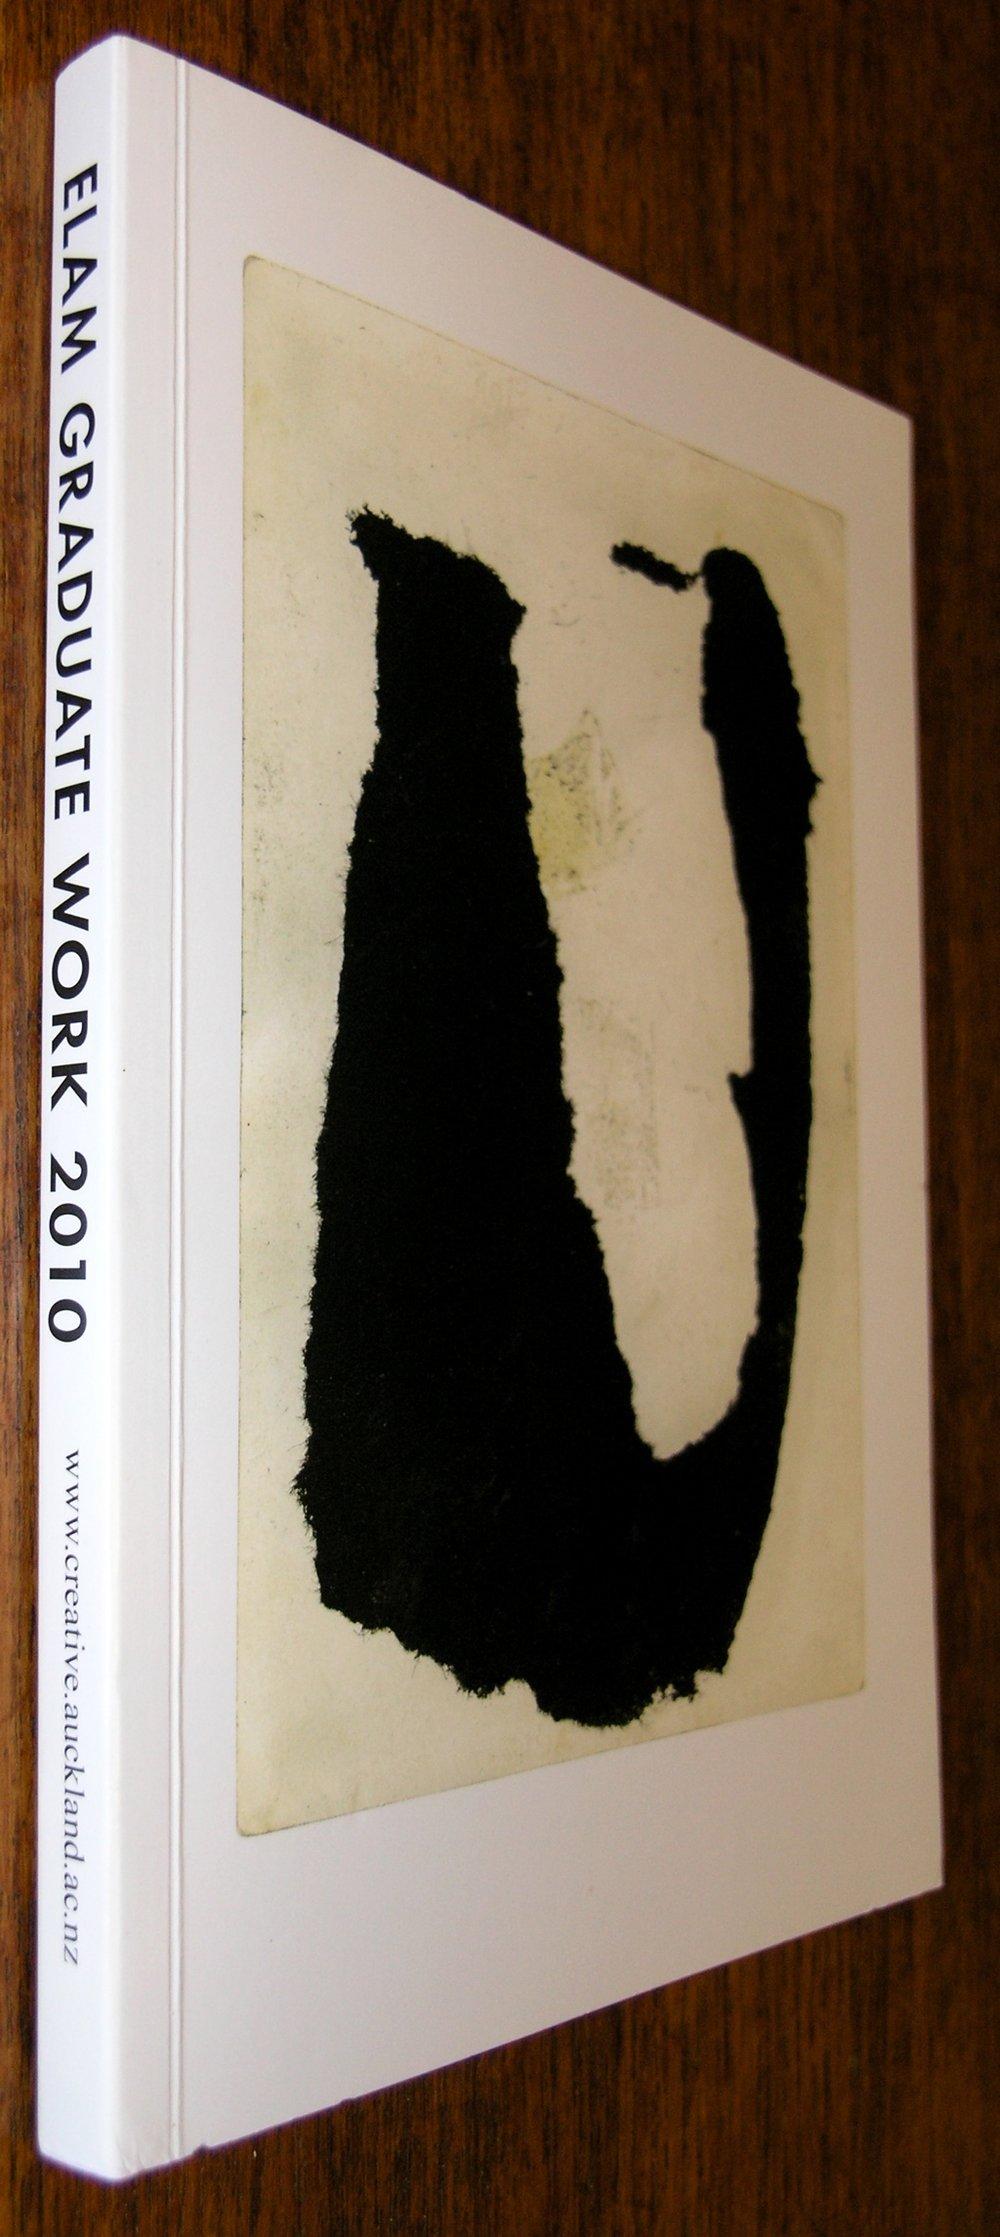 Elam Graduate Work 2010 Catalogue